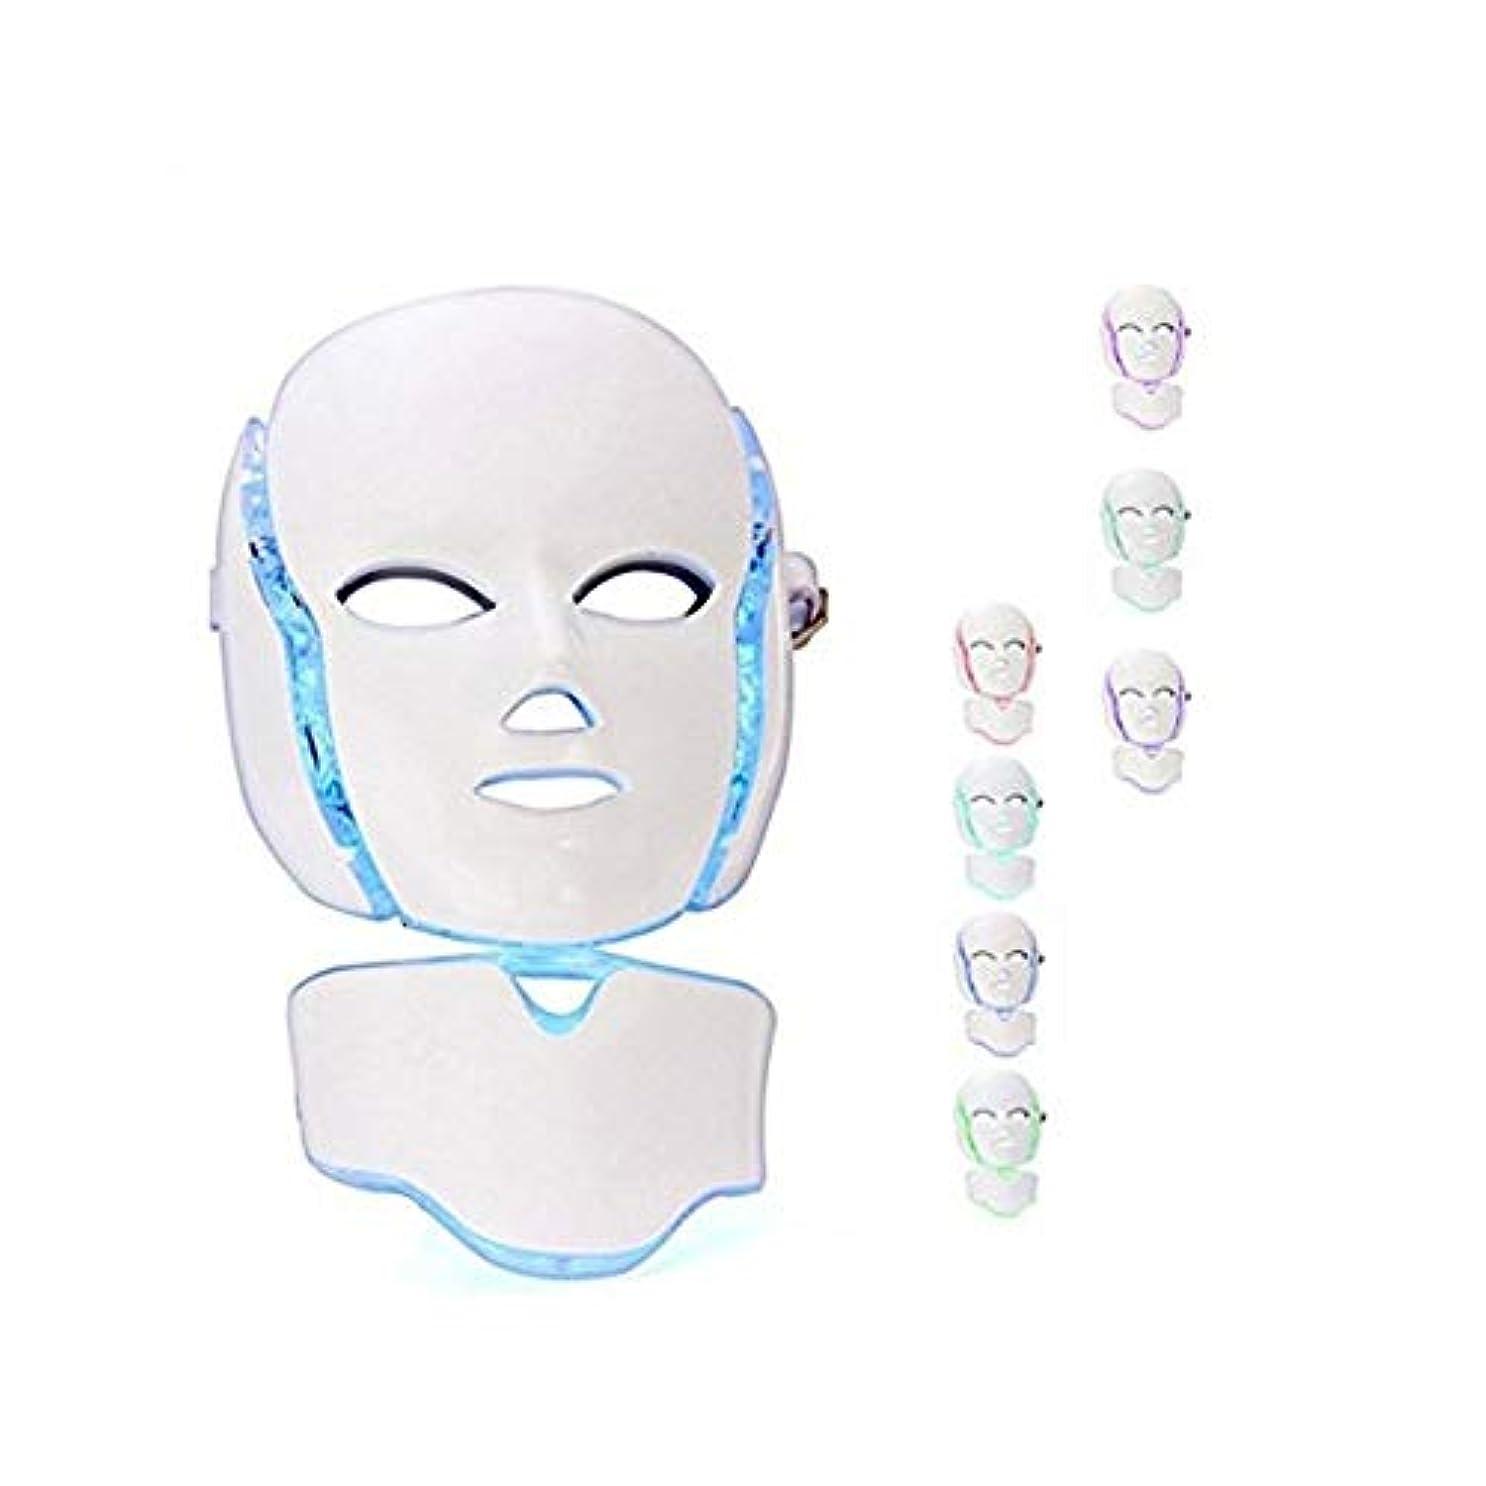 たらい無駄に懐疑論7色のLEDフォトン顔はしわのためのセラピー?フェイシャル&ネックビューティースキンケアマスクマスク、にきびアンチエイジング&健康的な肌の若返りコラーゲン